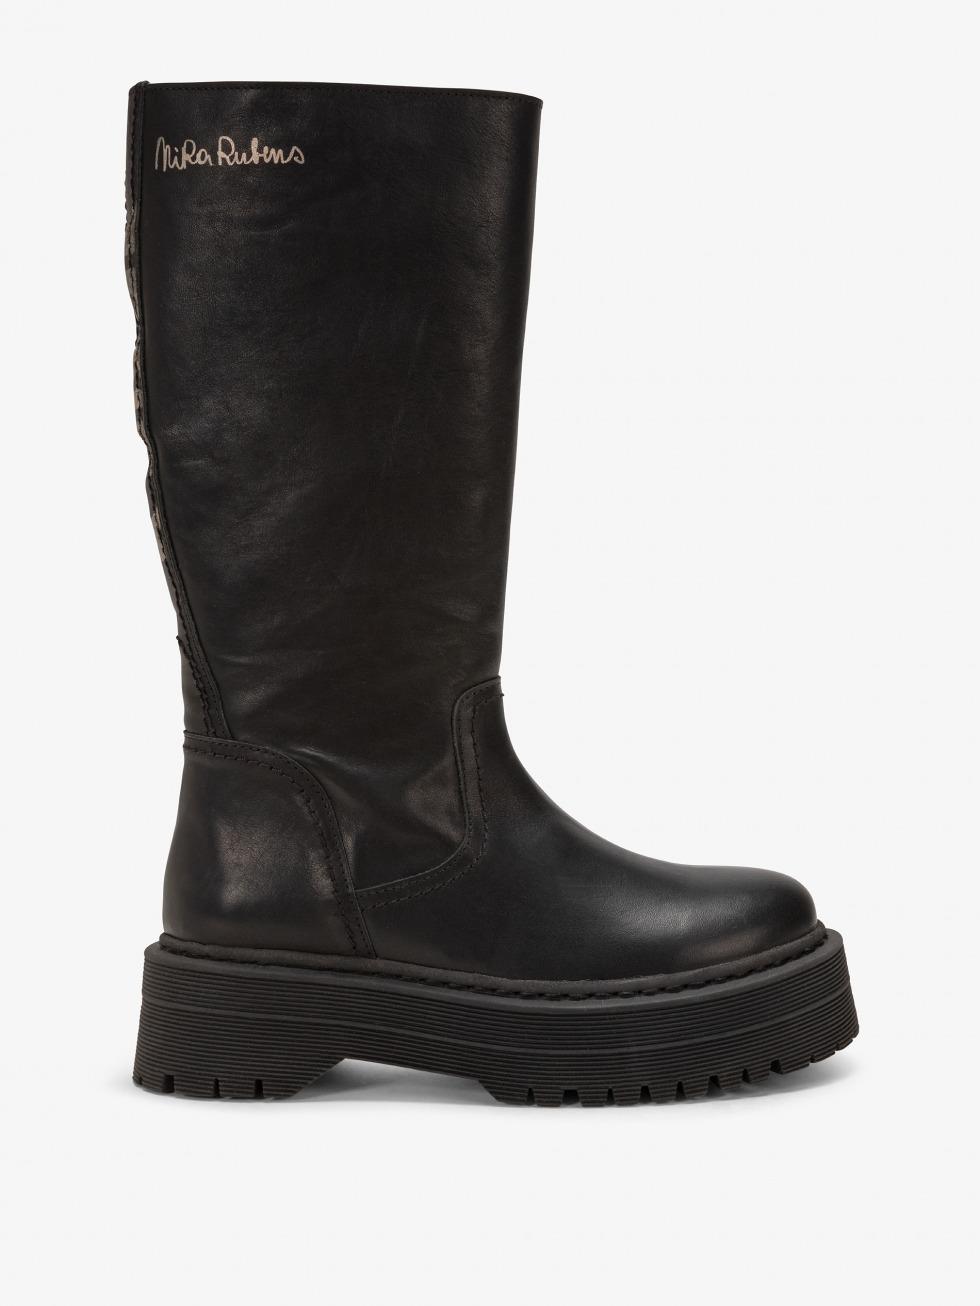 Frozen Top Boot - Rebel Black Fur